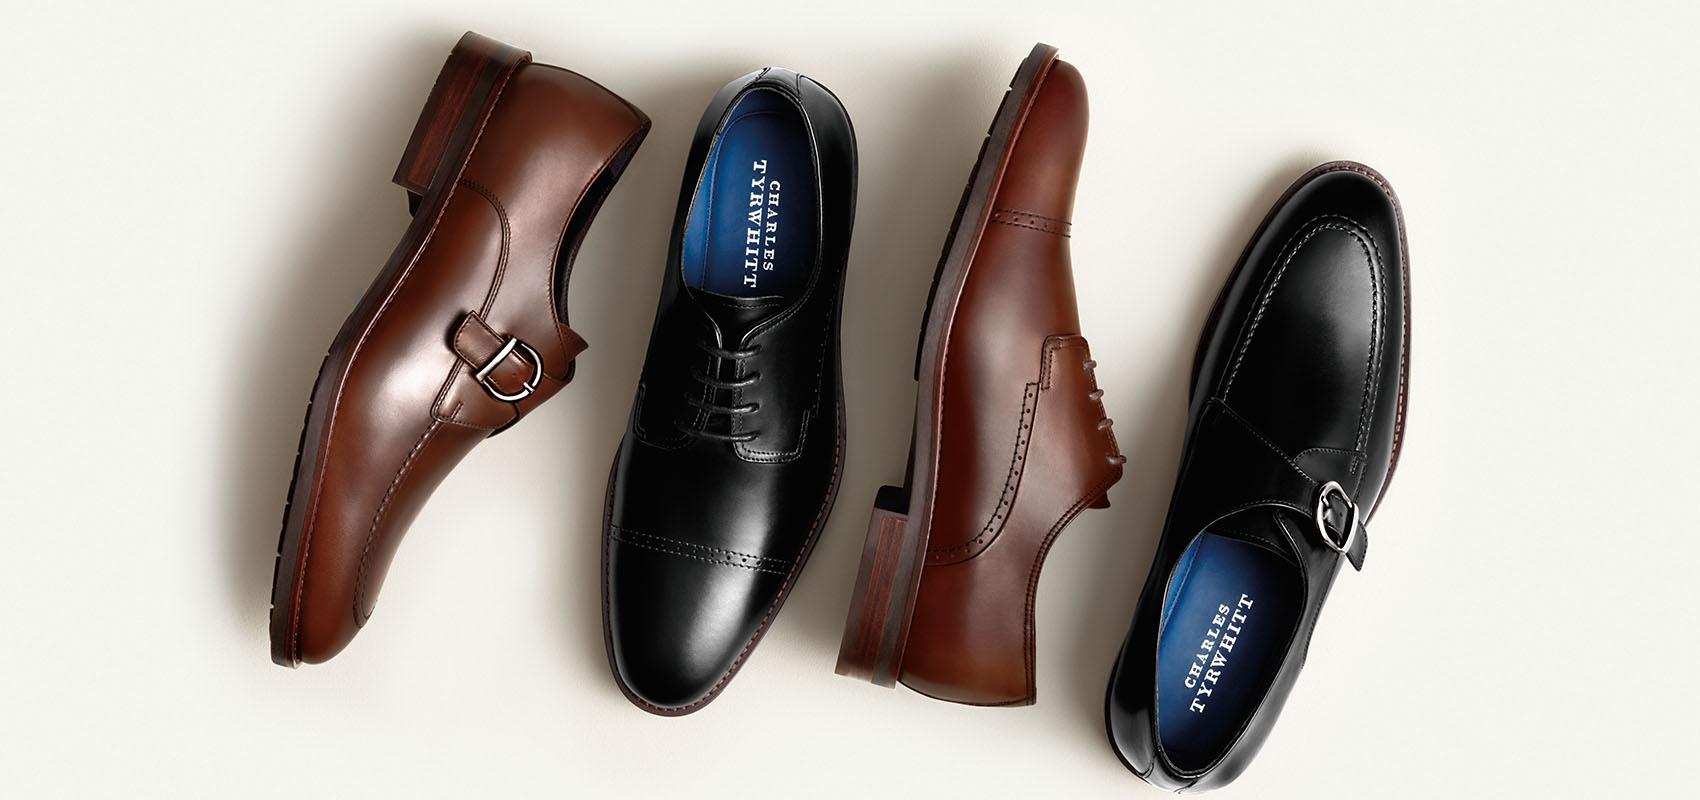 Charles Tyrwhitt Rubber soled shoes